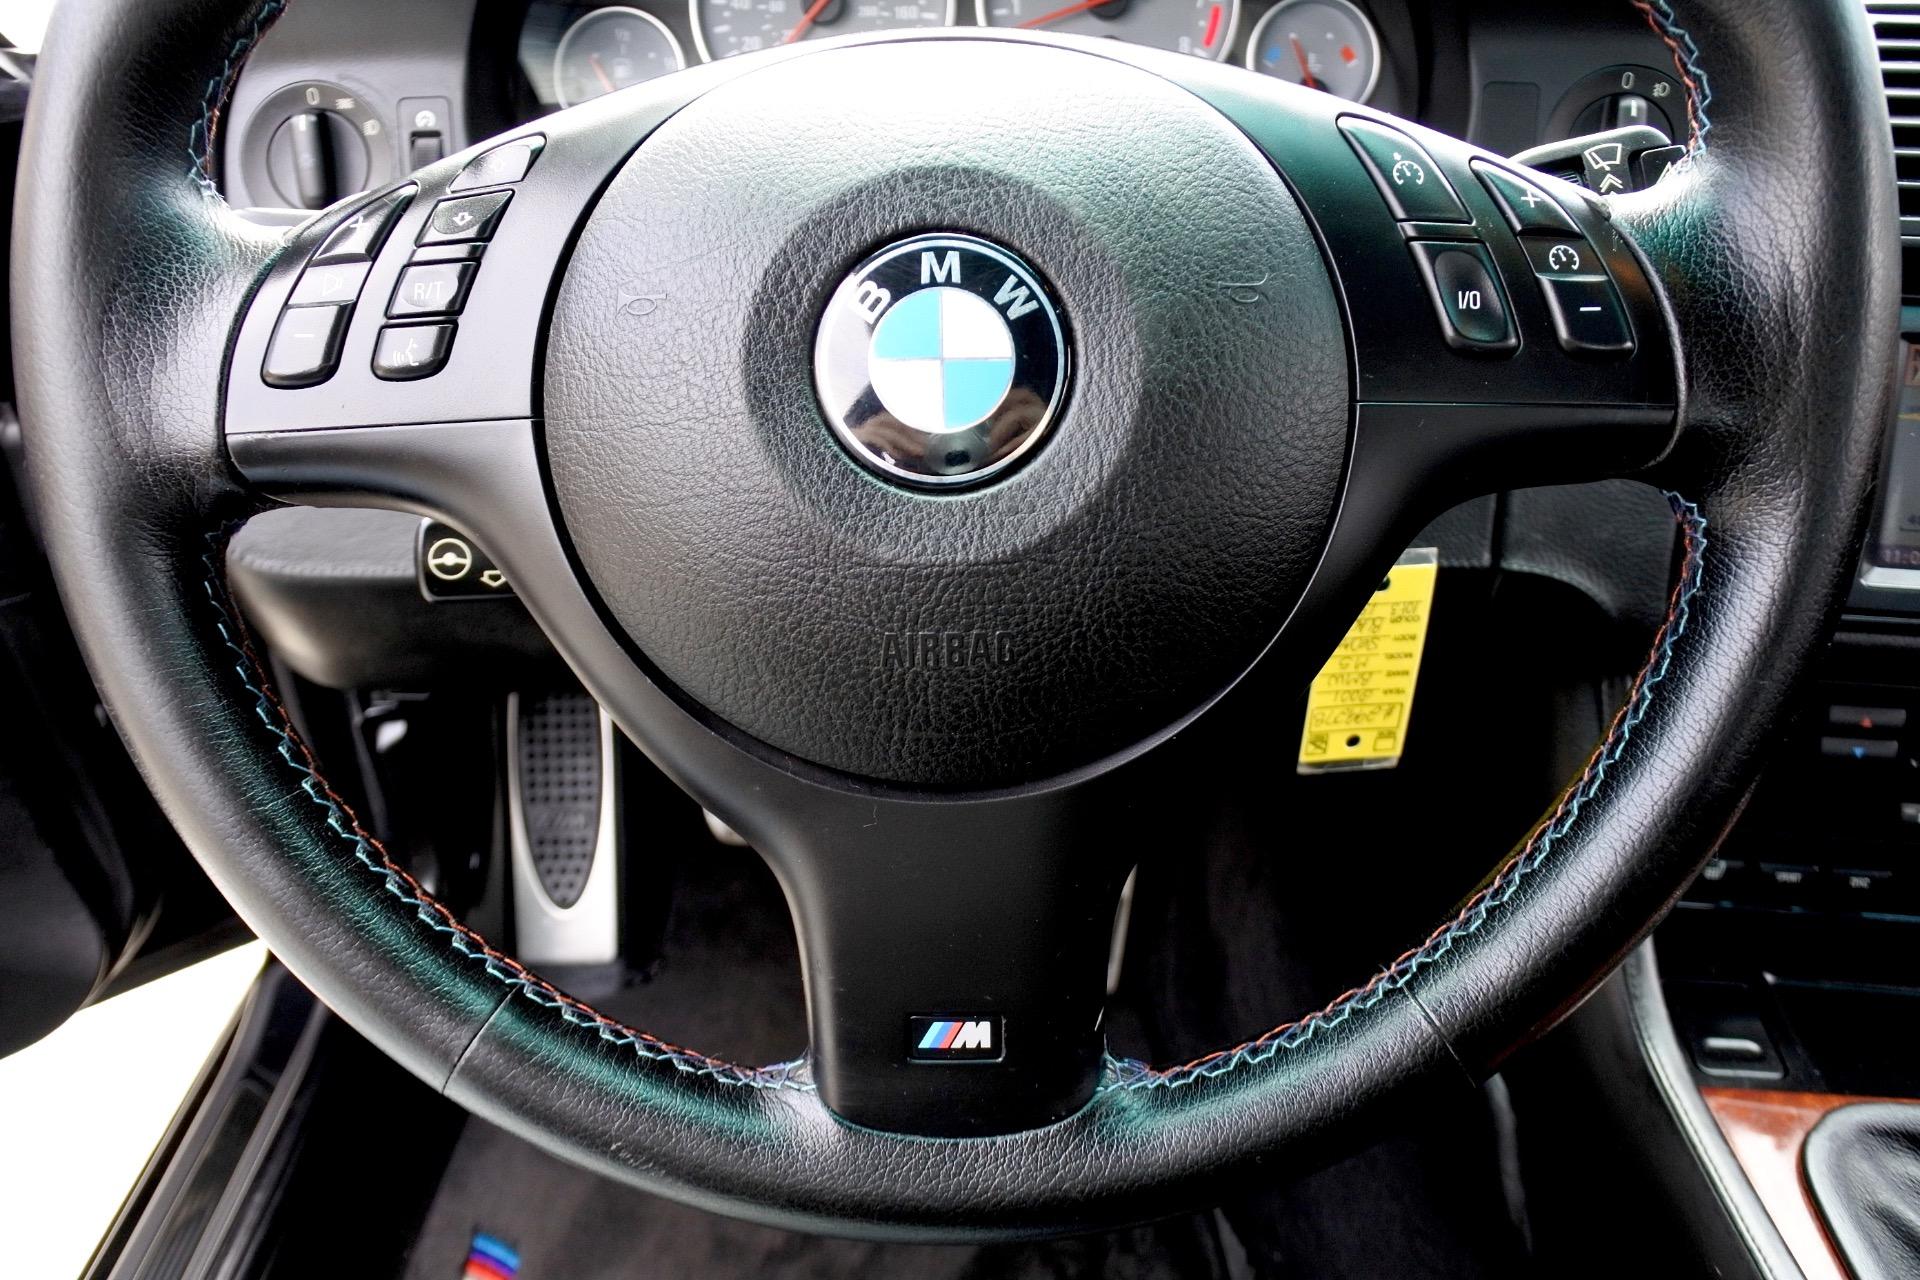 Used 2001 BMW 5 Series M5 4dr Sdn 6-Spd Manual Used 2001 BMW 5 Series M5 4dr Sdn 6-Spd Manual for sale  at Metro West Motorcars LLC in Shrewsbury MA 21